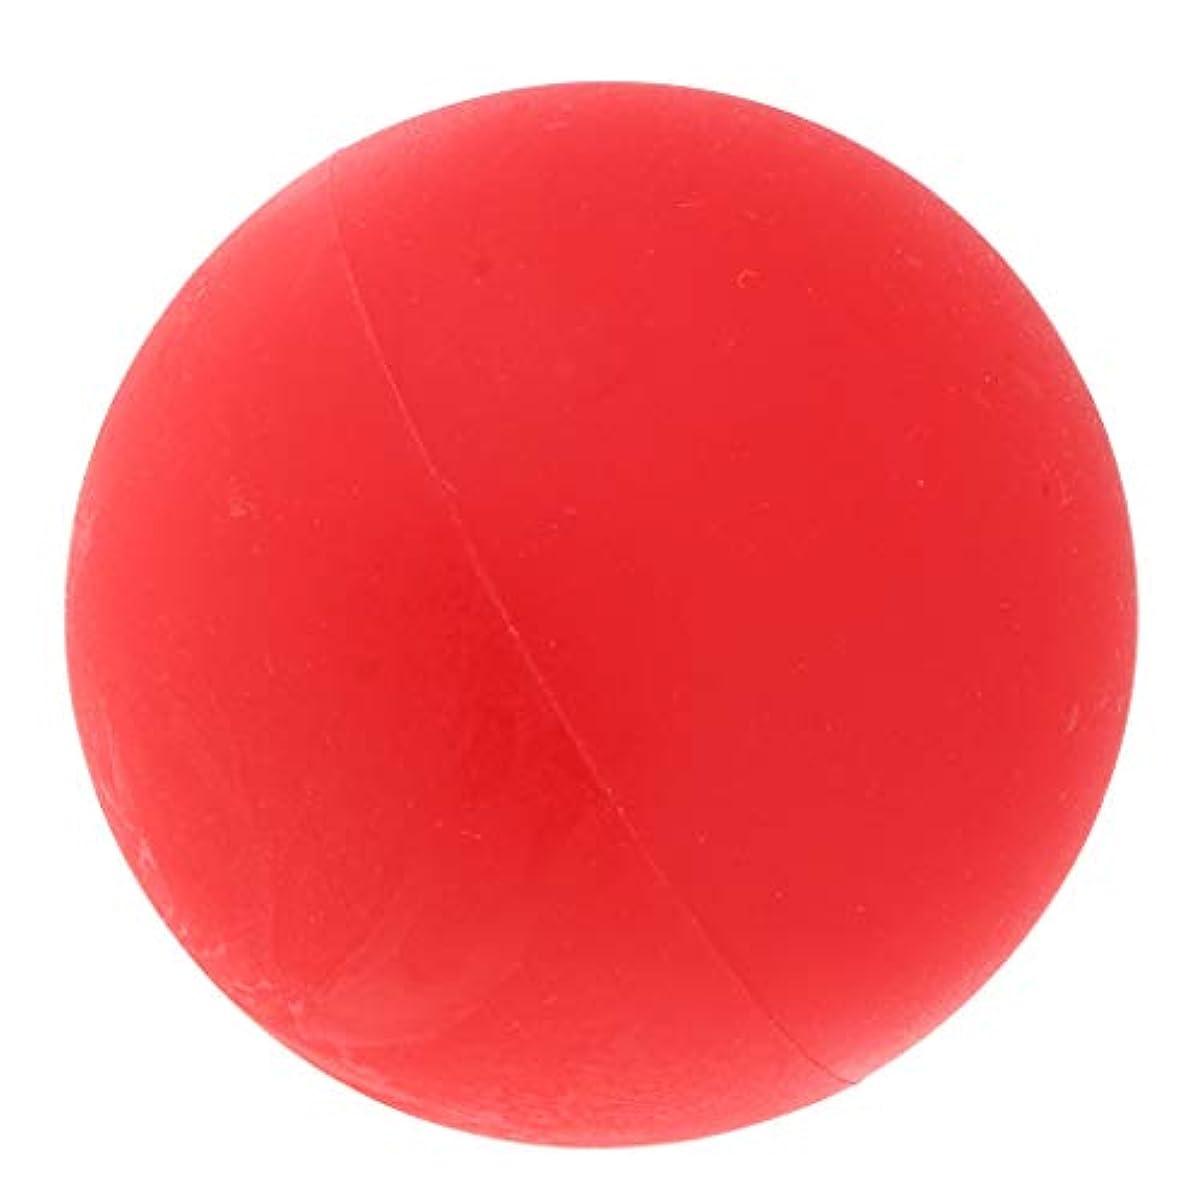 巡礼者再撮りコミュニティマッサージボール ヨガボール トリガーポイント 筋膜リリース 緊張緩和 健康グッズ 全4色 - 赤